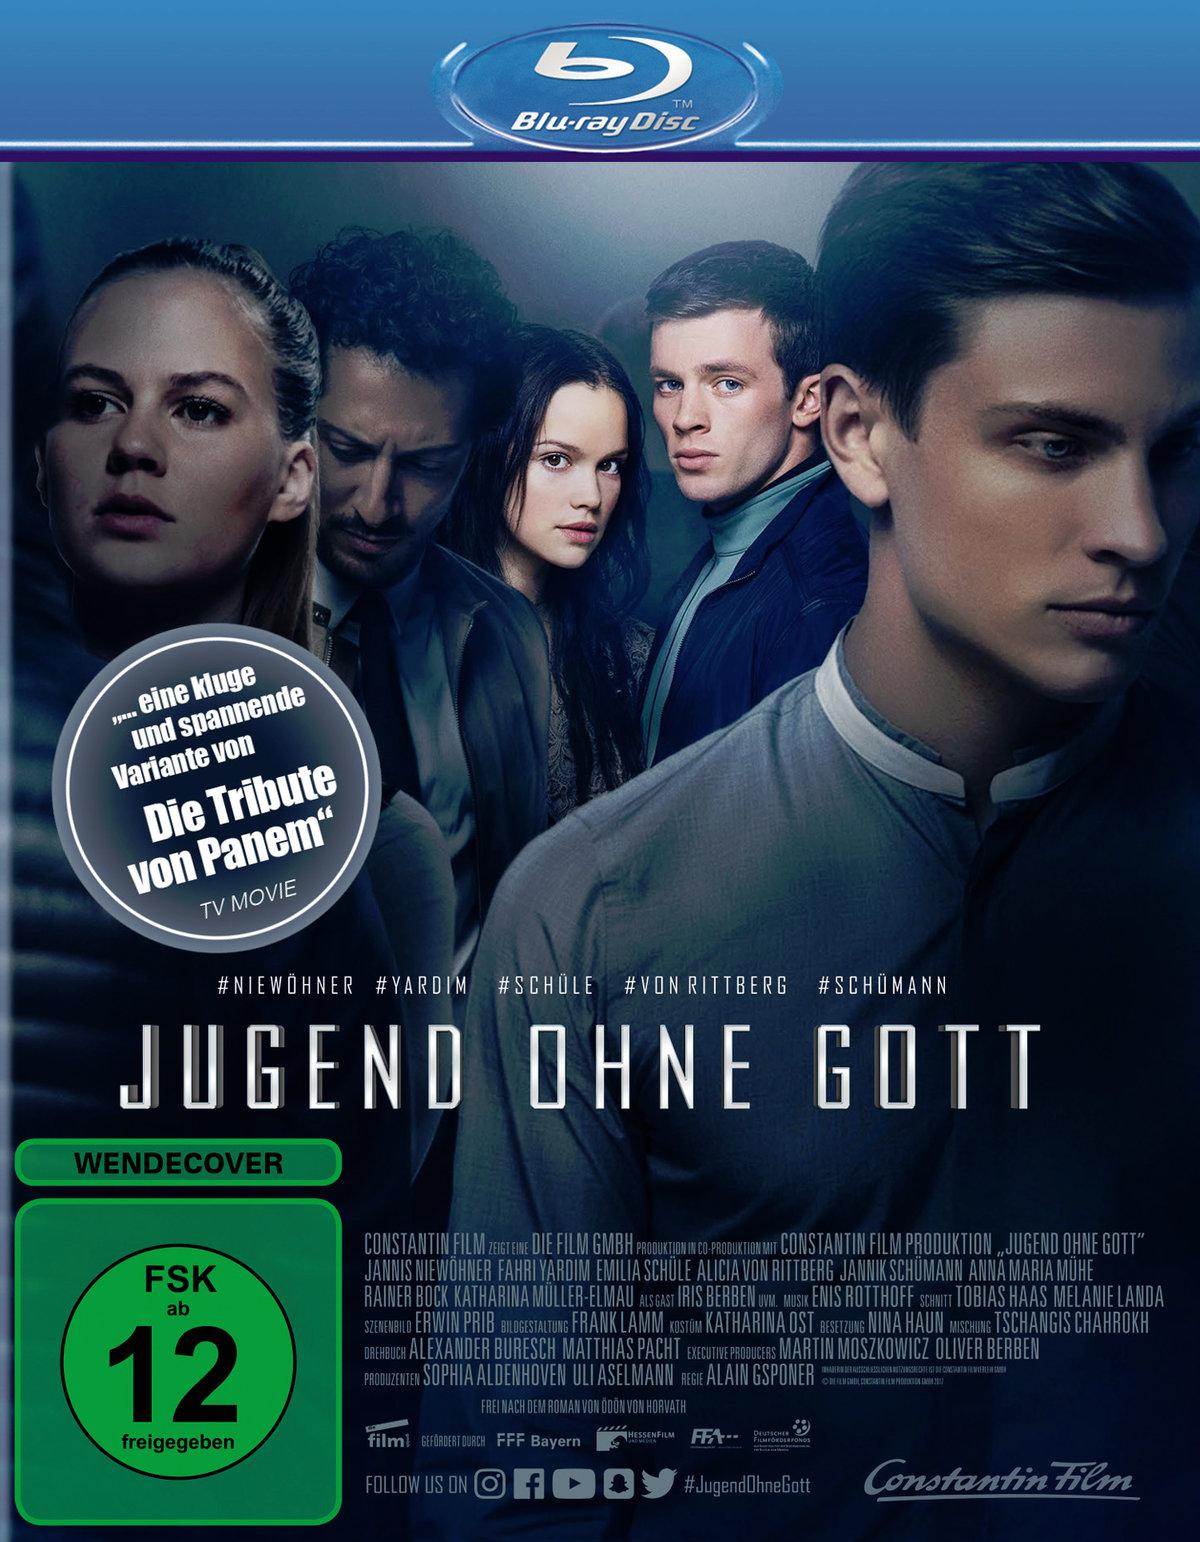 Jugend ohne Gott (2017) - Ein Film über die Liebe